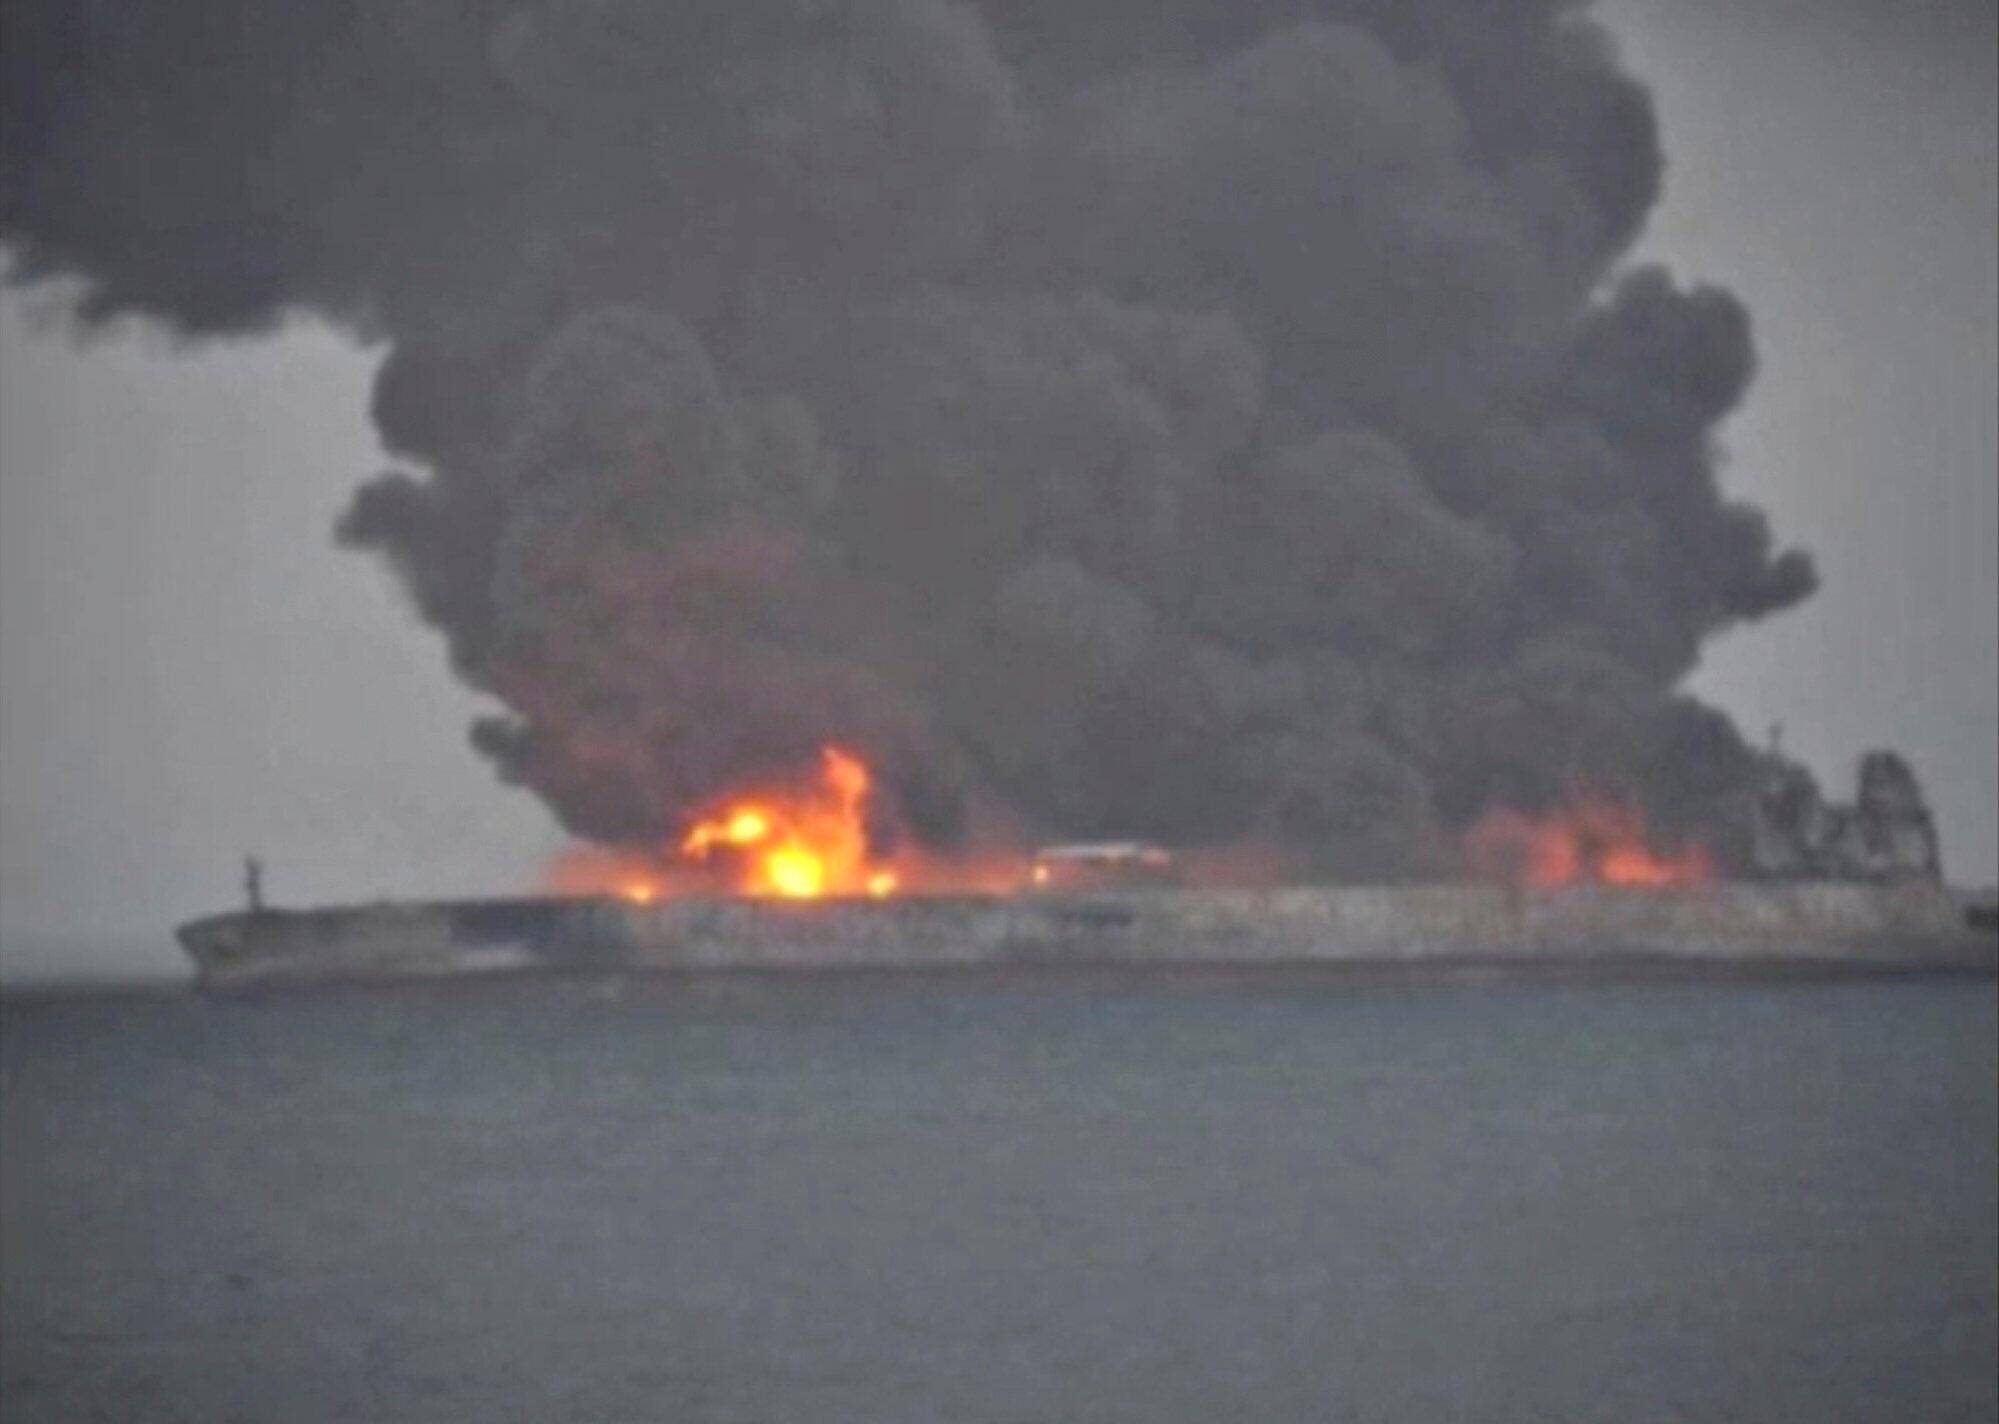 巴拿马籍油船撞船后失火